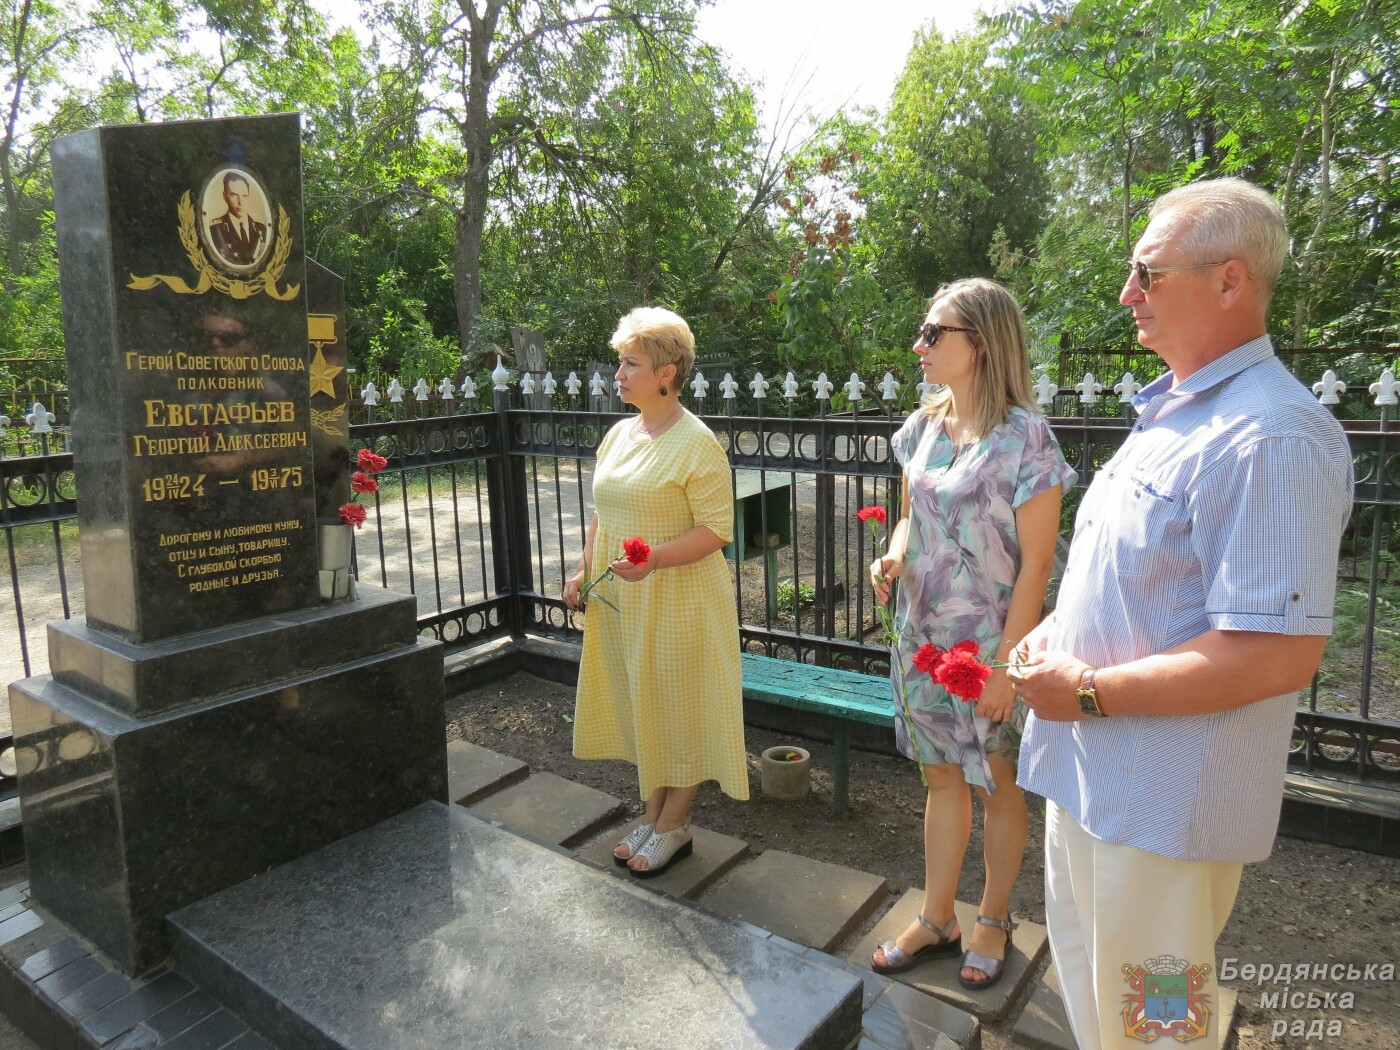 В Бердянске прошло возложение цветов к 75-й годовщине окончания Второй мировой войны, фото-7